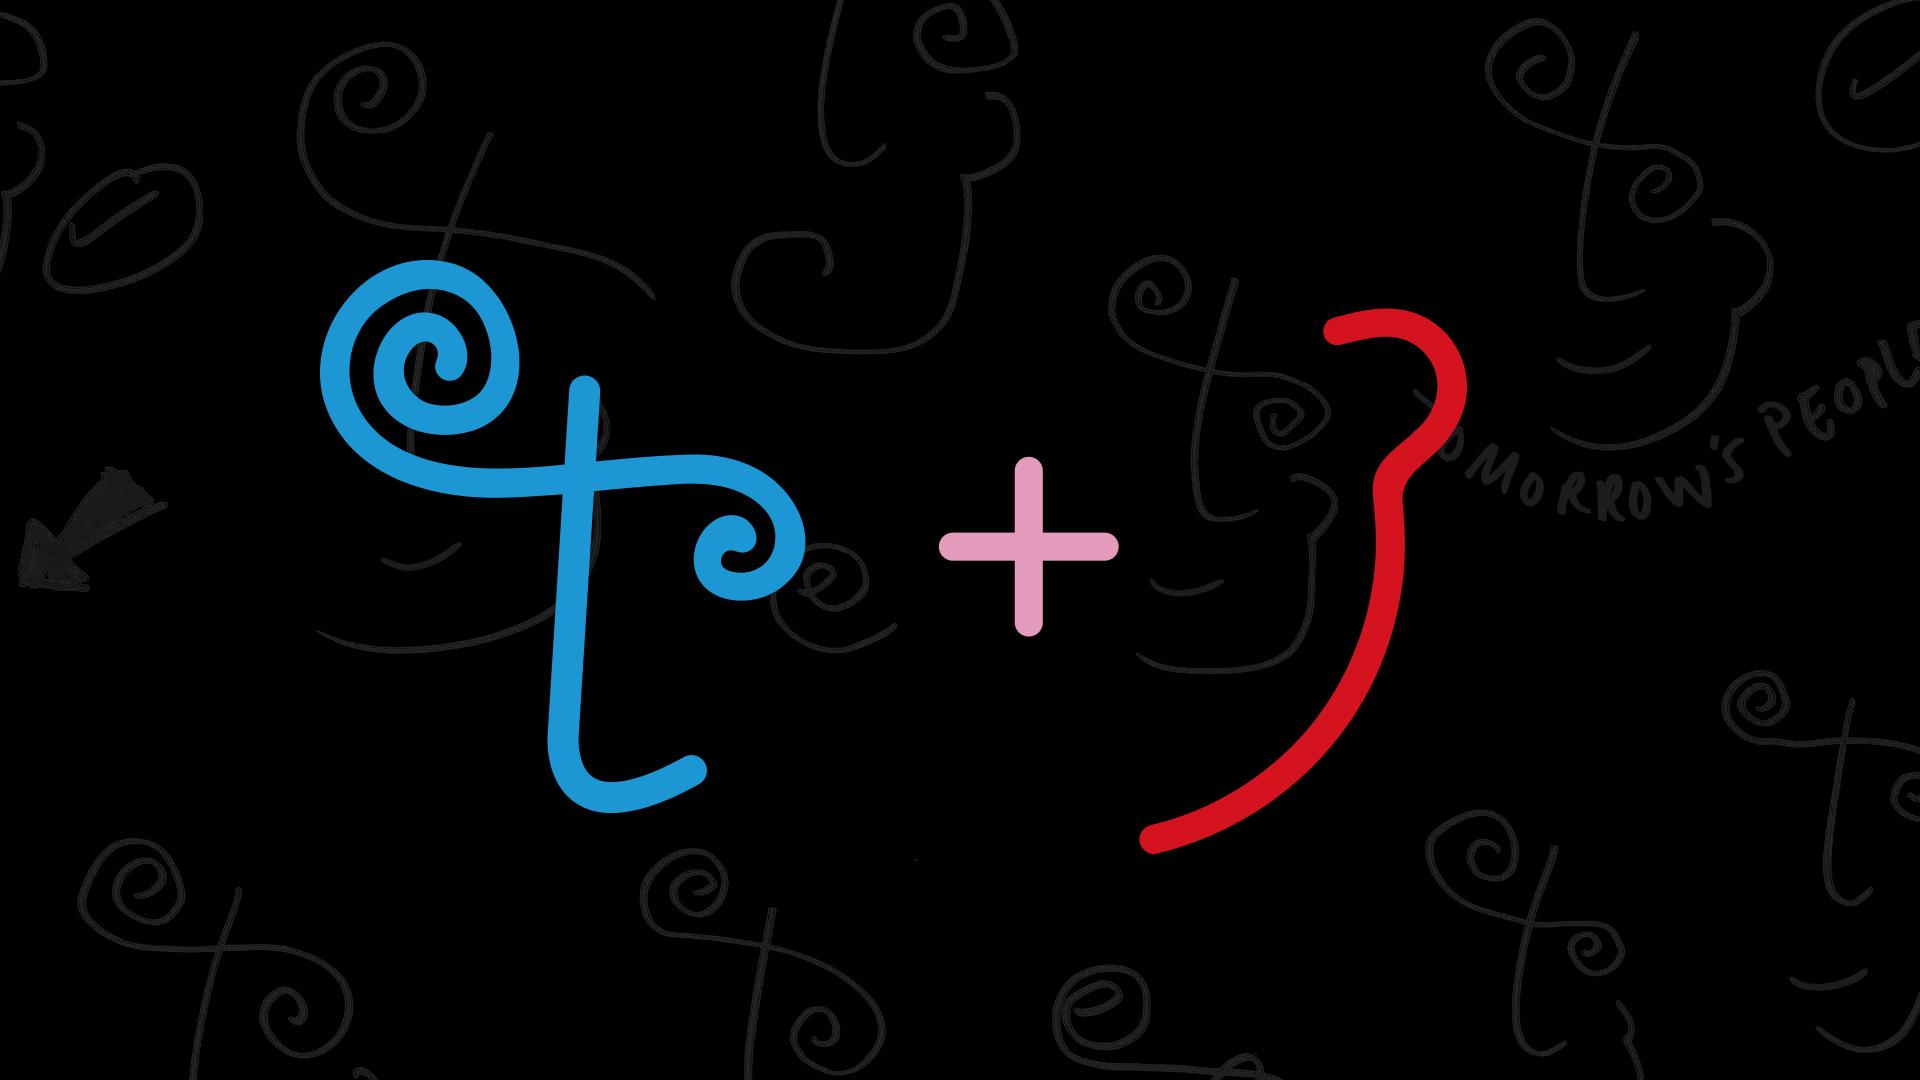 Logo_Development.jpg